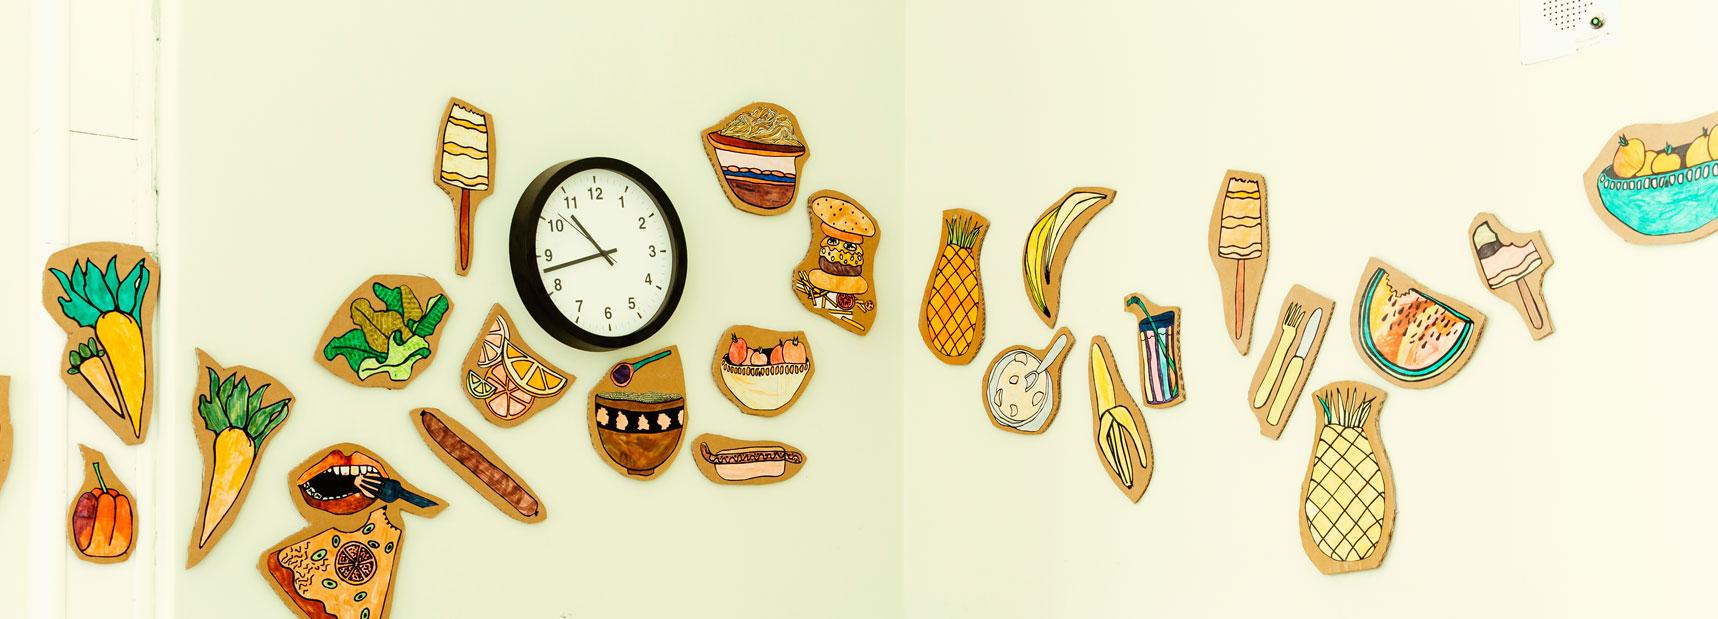 Verschiedene Grafiken die Essen abbilden wurden in der Schulmensa an die Wand geklebt und dekorieren die weiße Wand mit der Uhr.